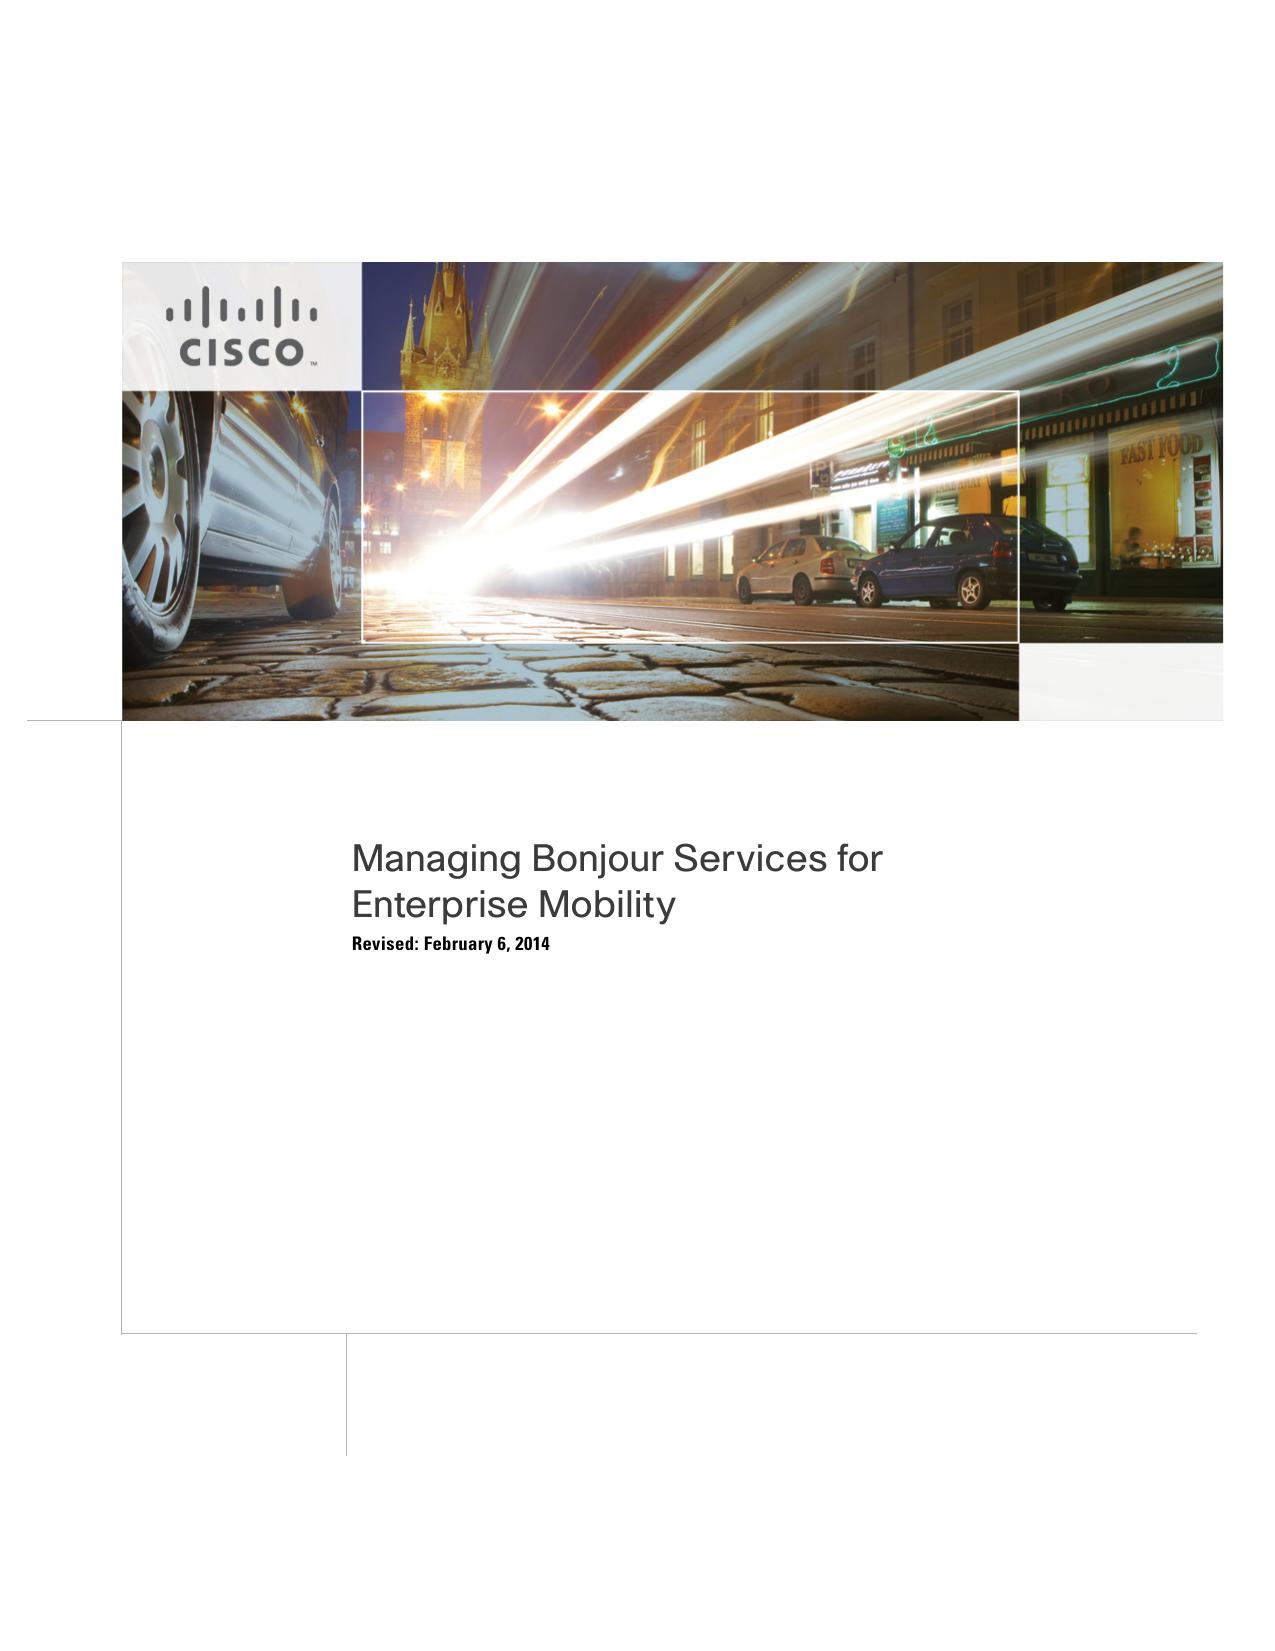 Managing Bonjour Services for Enterprise Mobility Revised